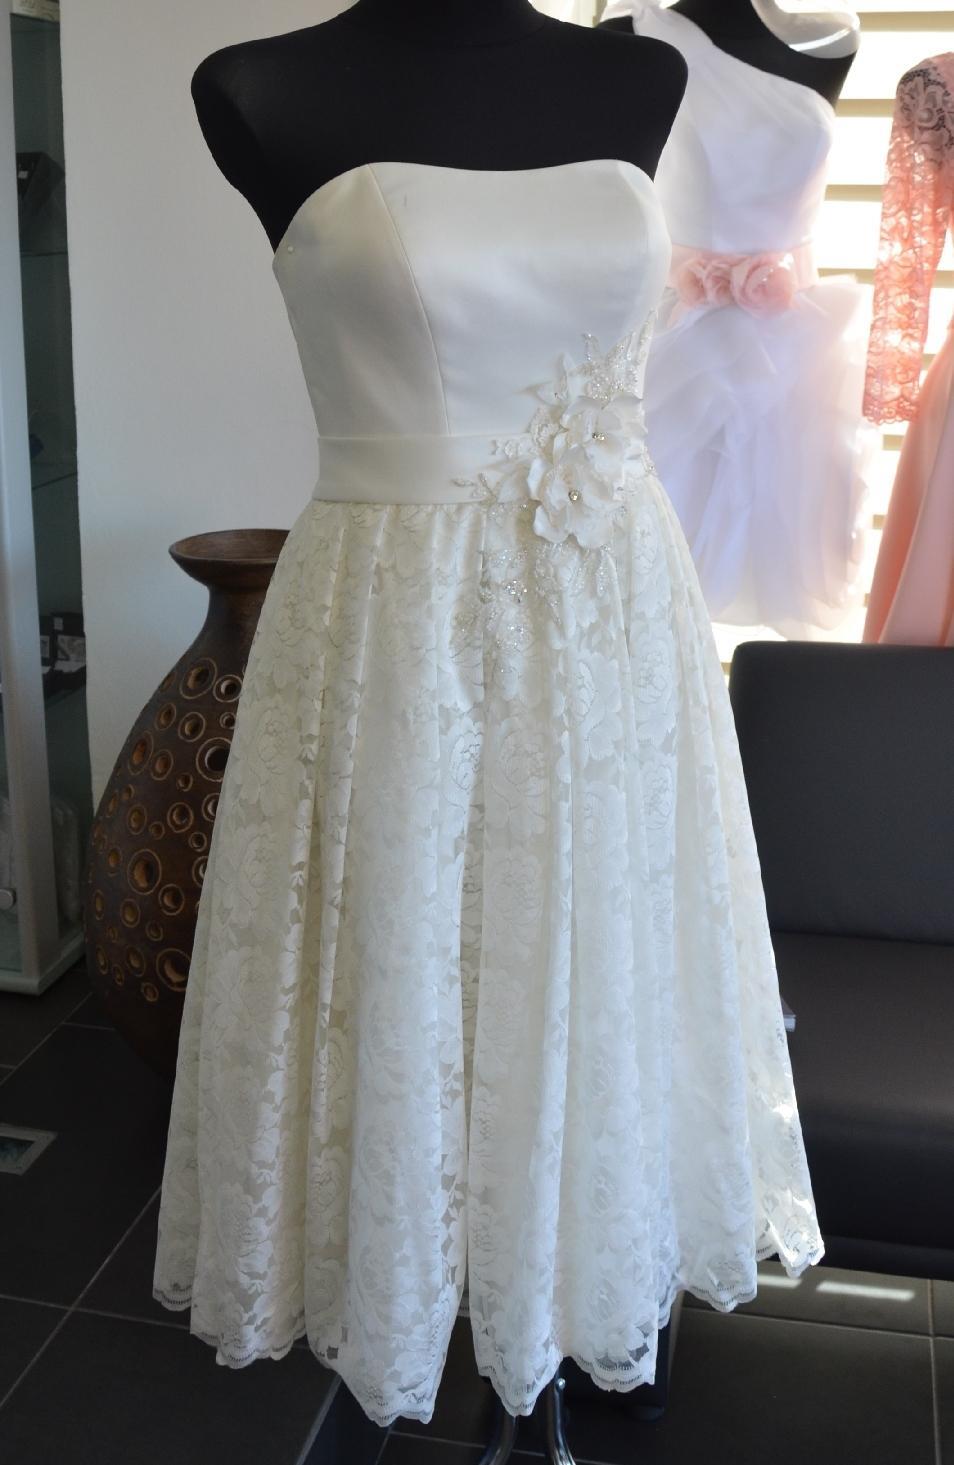 Akce 65% sleva na svatební-společenské šaty - Obrázok č. 1